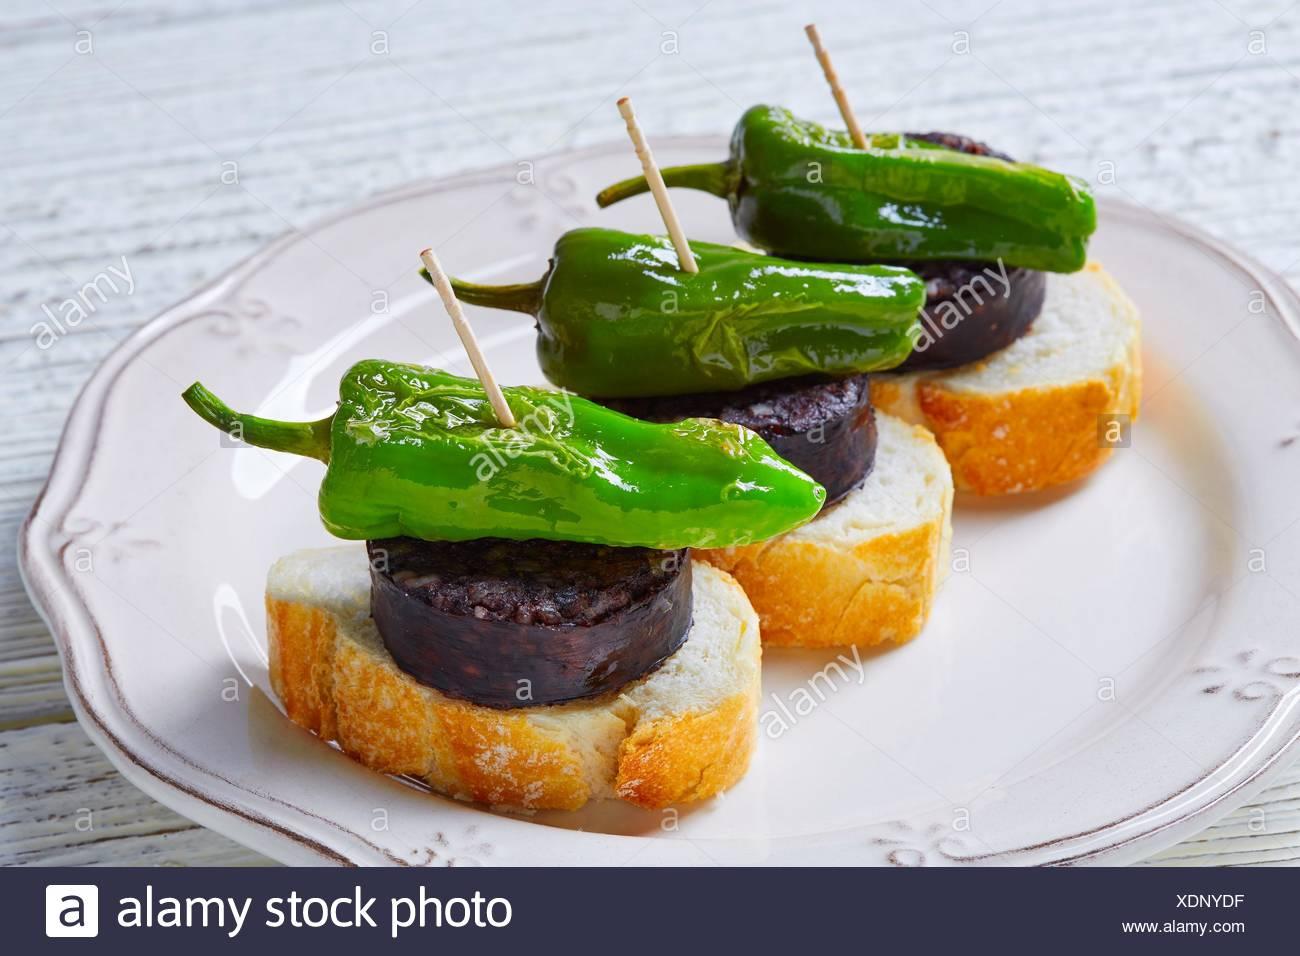 Pinchos Burgos morcilla con pepe padron tapas pintxos dalla Spagna il cibo. Immagini Stock